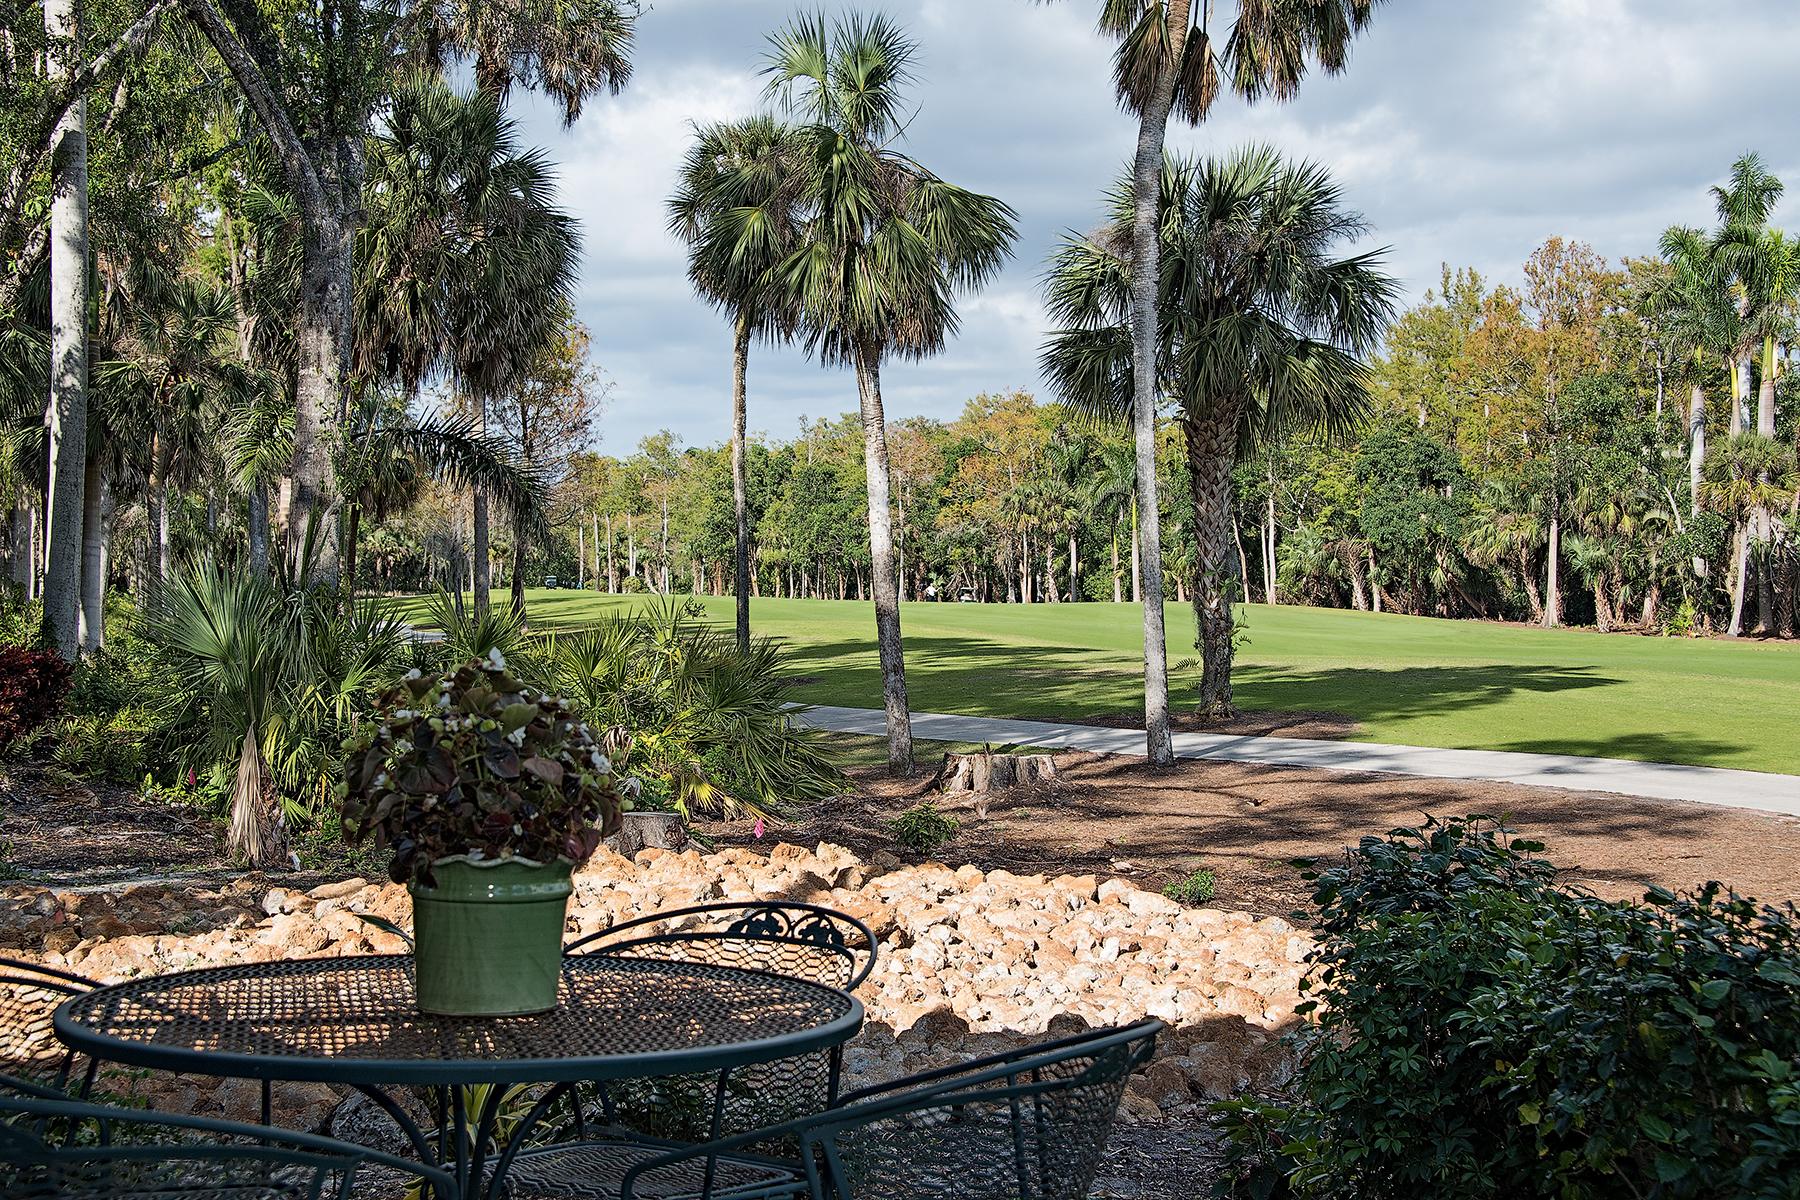 Кондоминиум для того Продажа на WILDERNESS - WILDERNESS COUNTRY CLUB 107 Clubhouse Dr E-158, Naples, Флорида, 34105 Соединенные Штаты